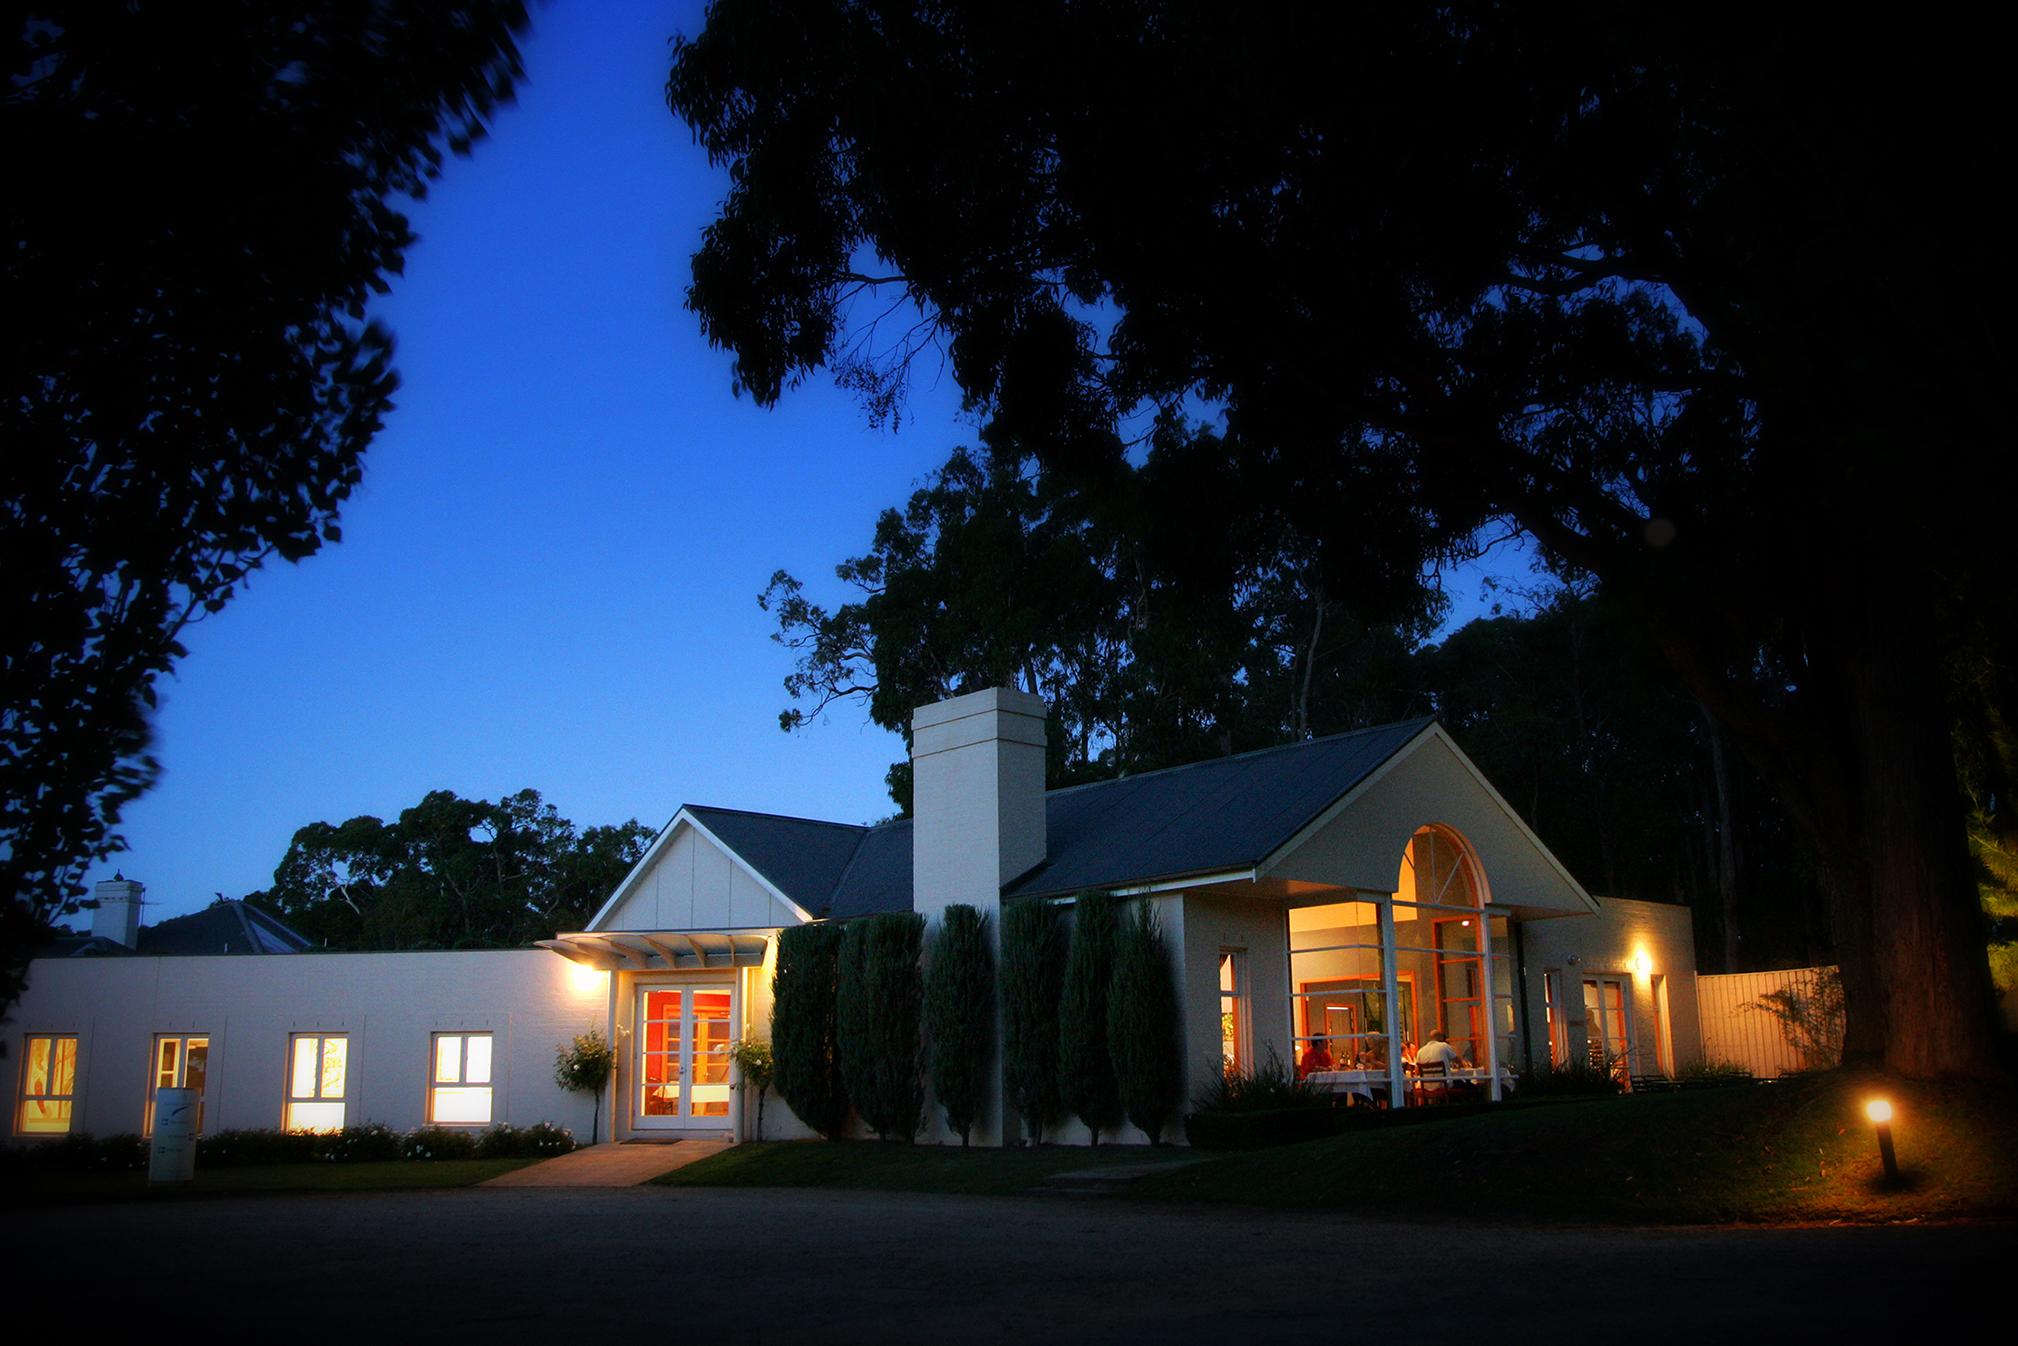 Linden Tree Restaurant at Night